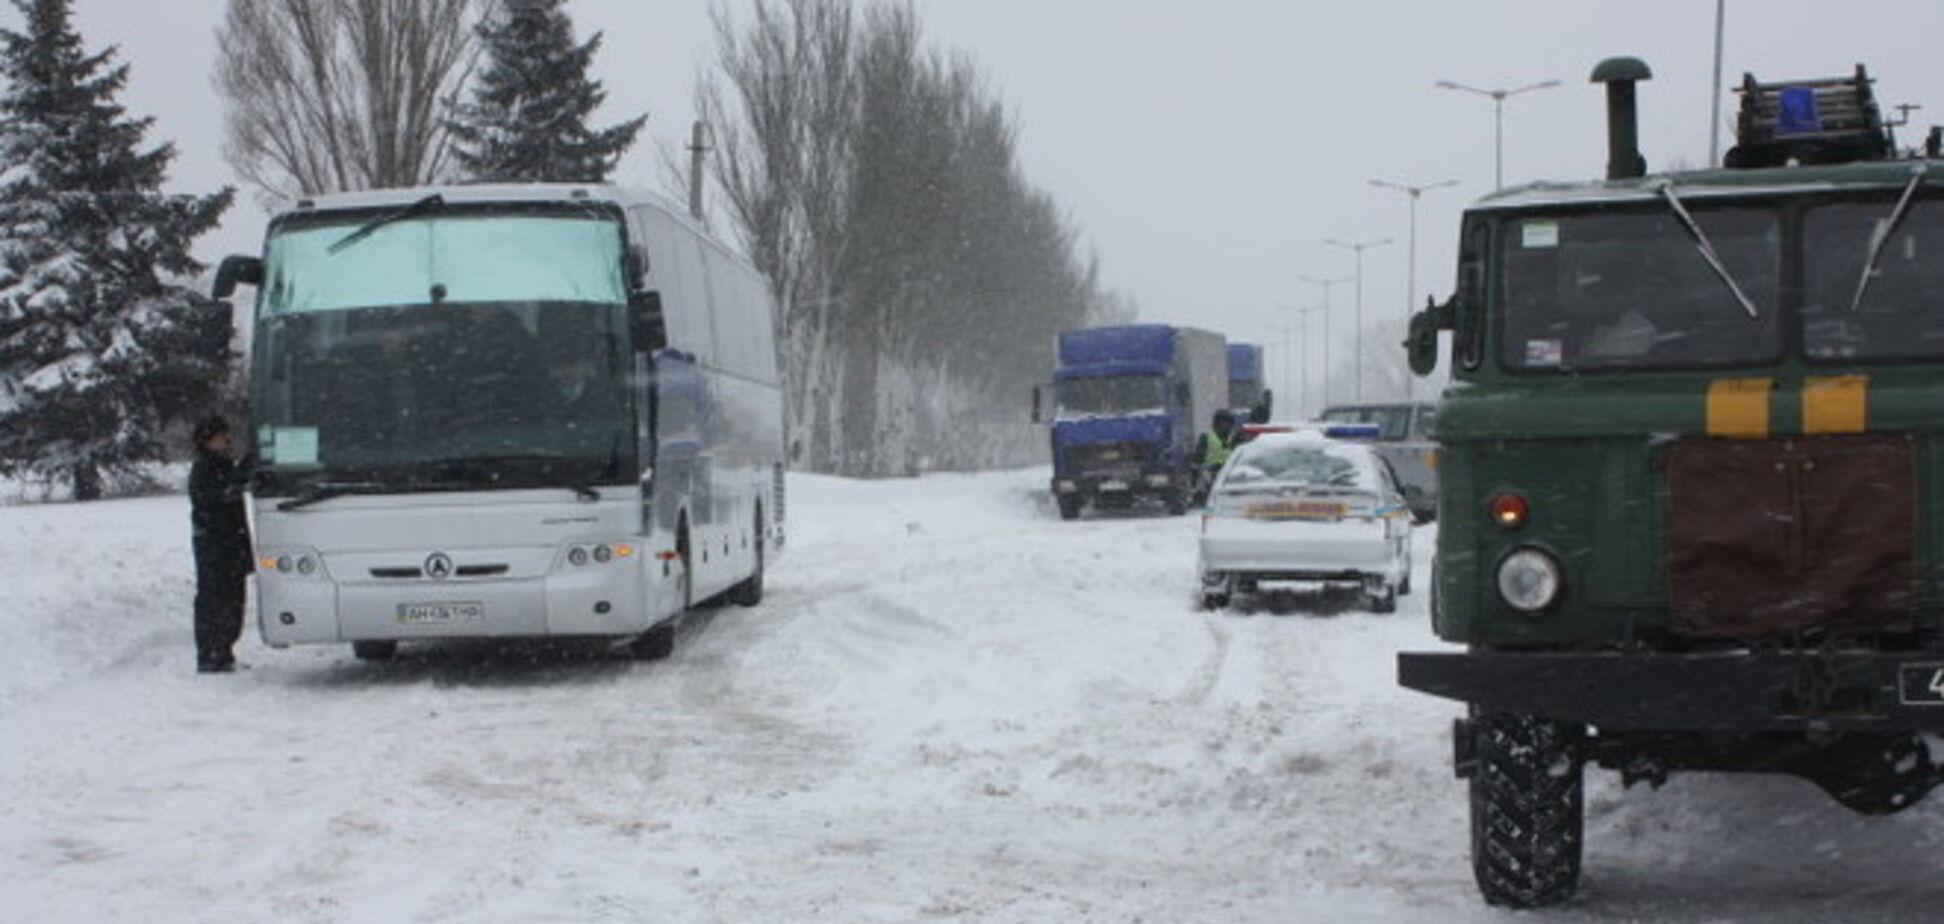 Відновлено рух по трасі Донецьк-Маріуполь, припинений після теракту в Волновасі